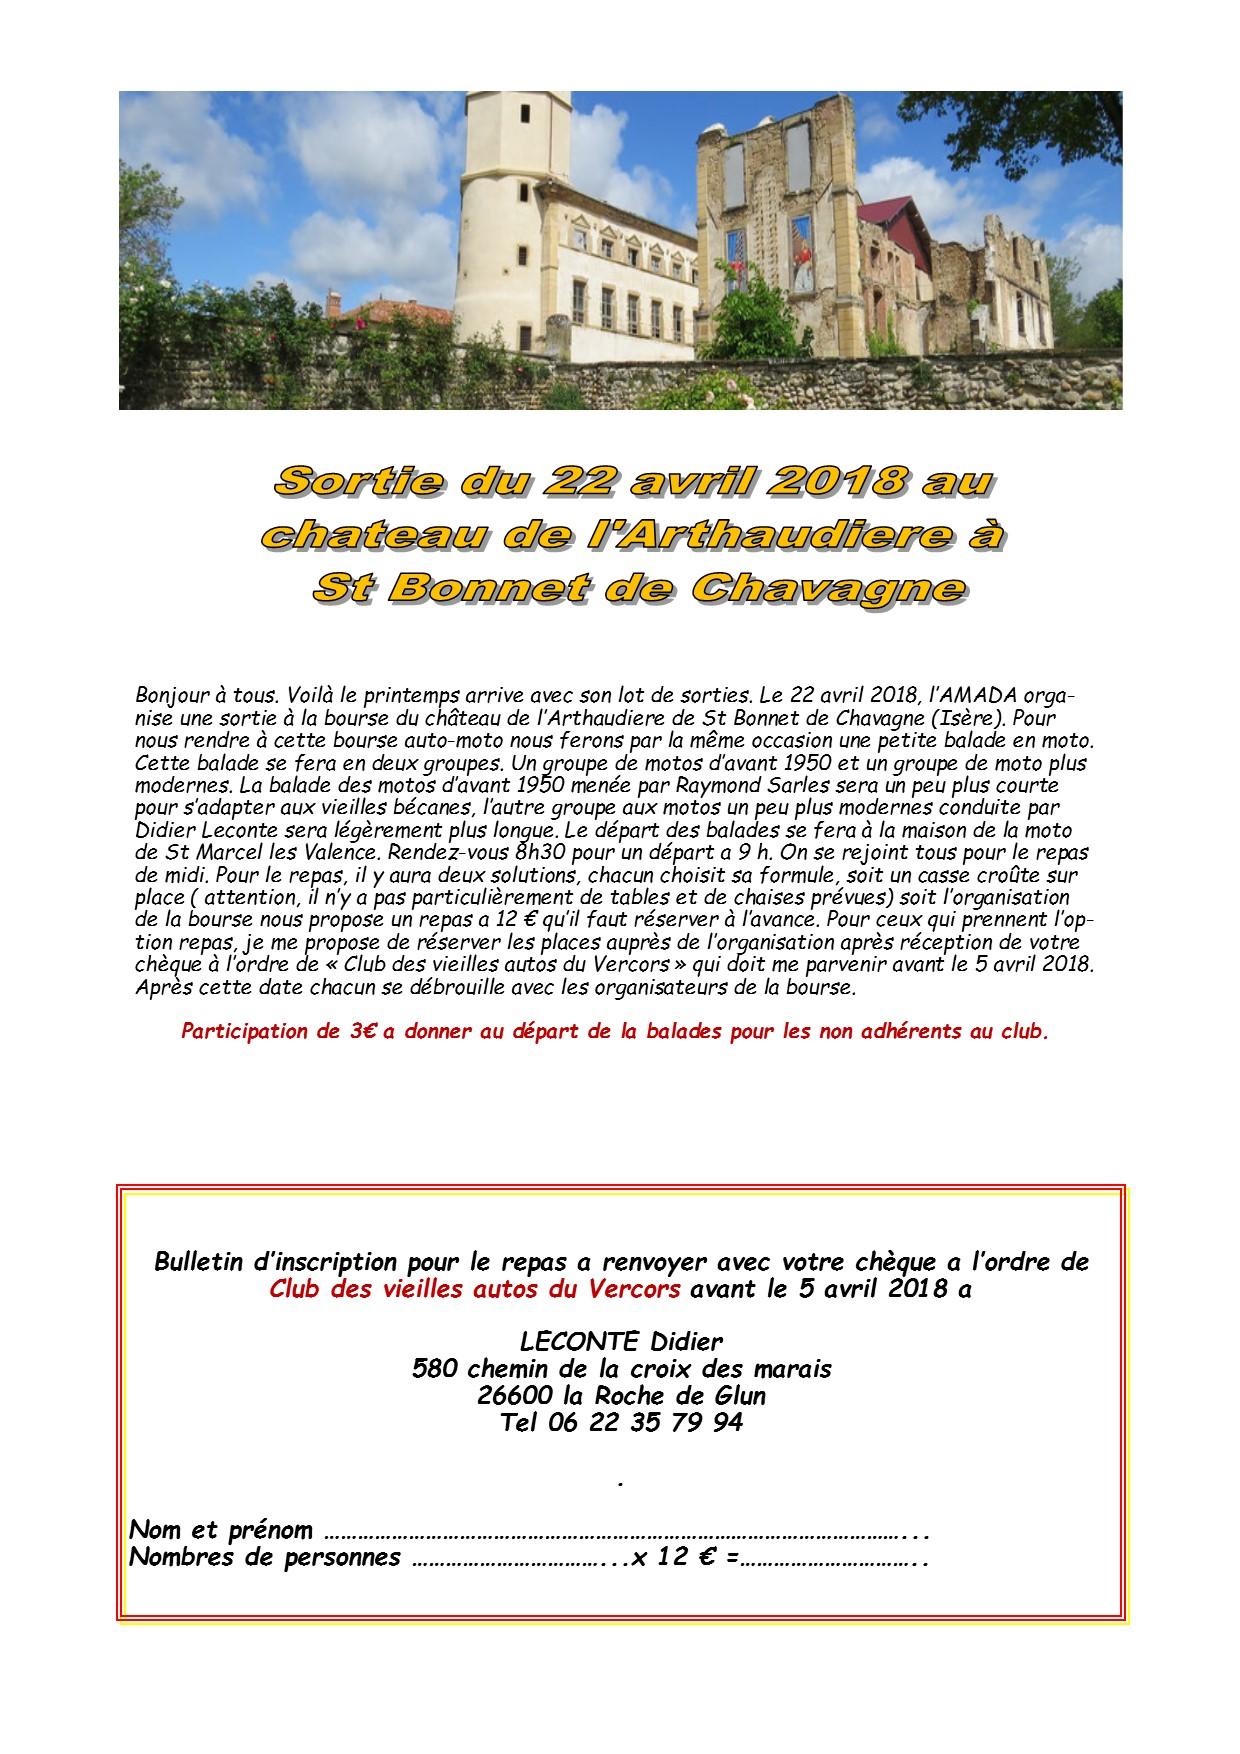 Bouse du chateau Arthaudiere JPG.jpg